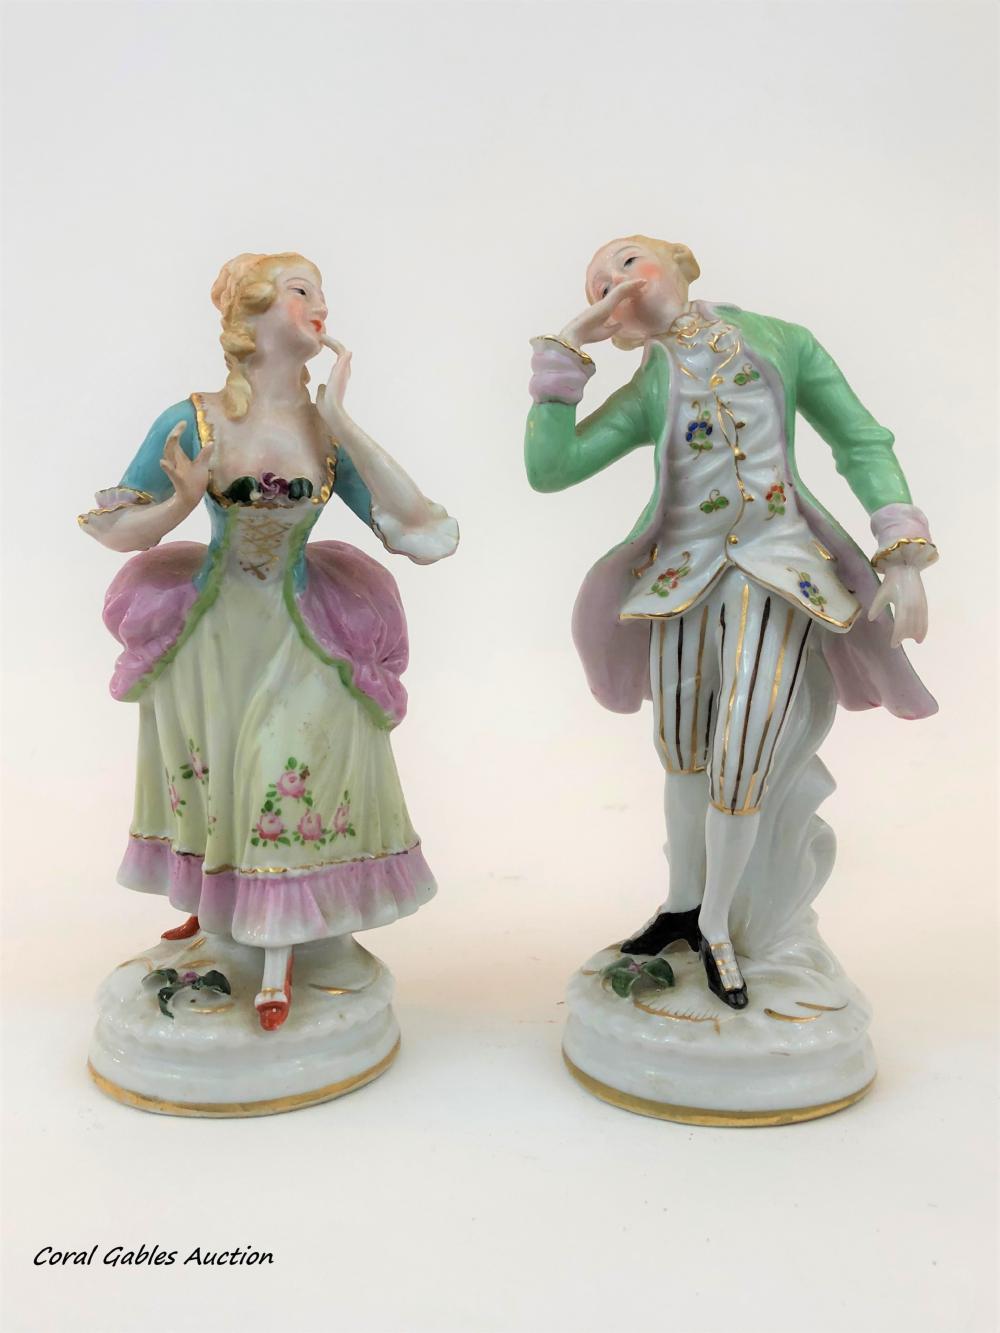 Klaus & Peter Muller Porcelain Figures